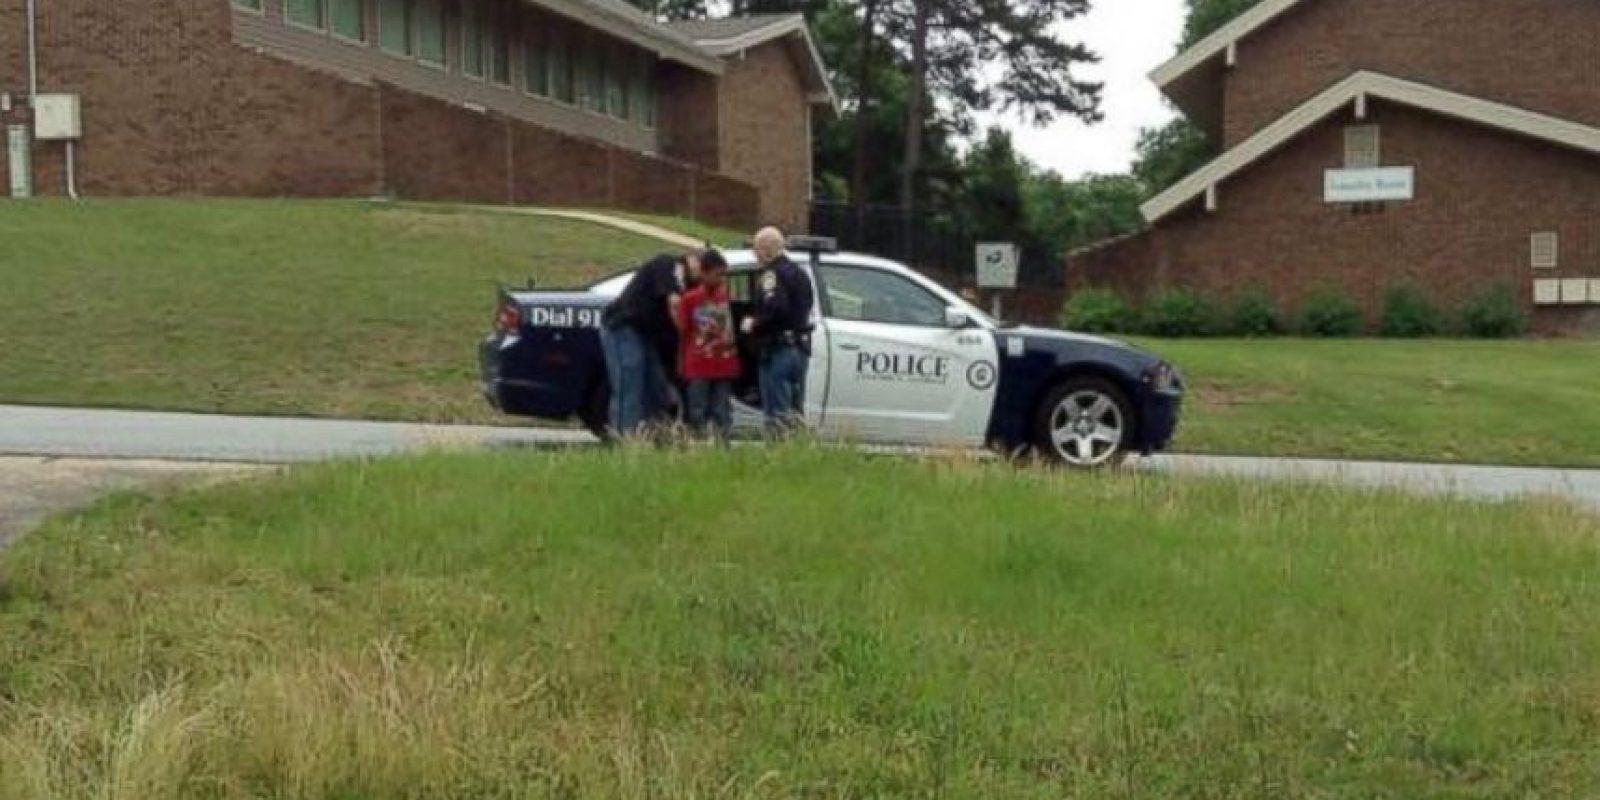 Sean fue subido a una patrulla y minutos después fue liberado Foto:Vía Facebook Chiquita Hill